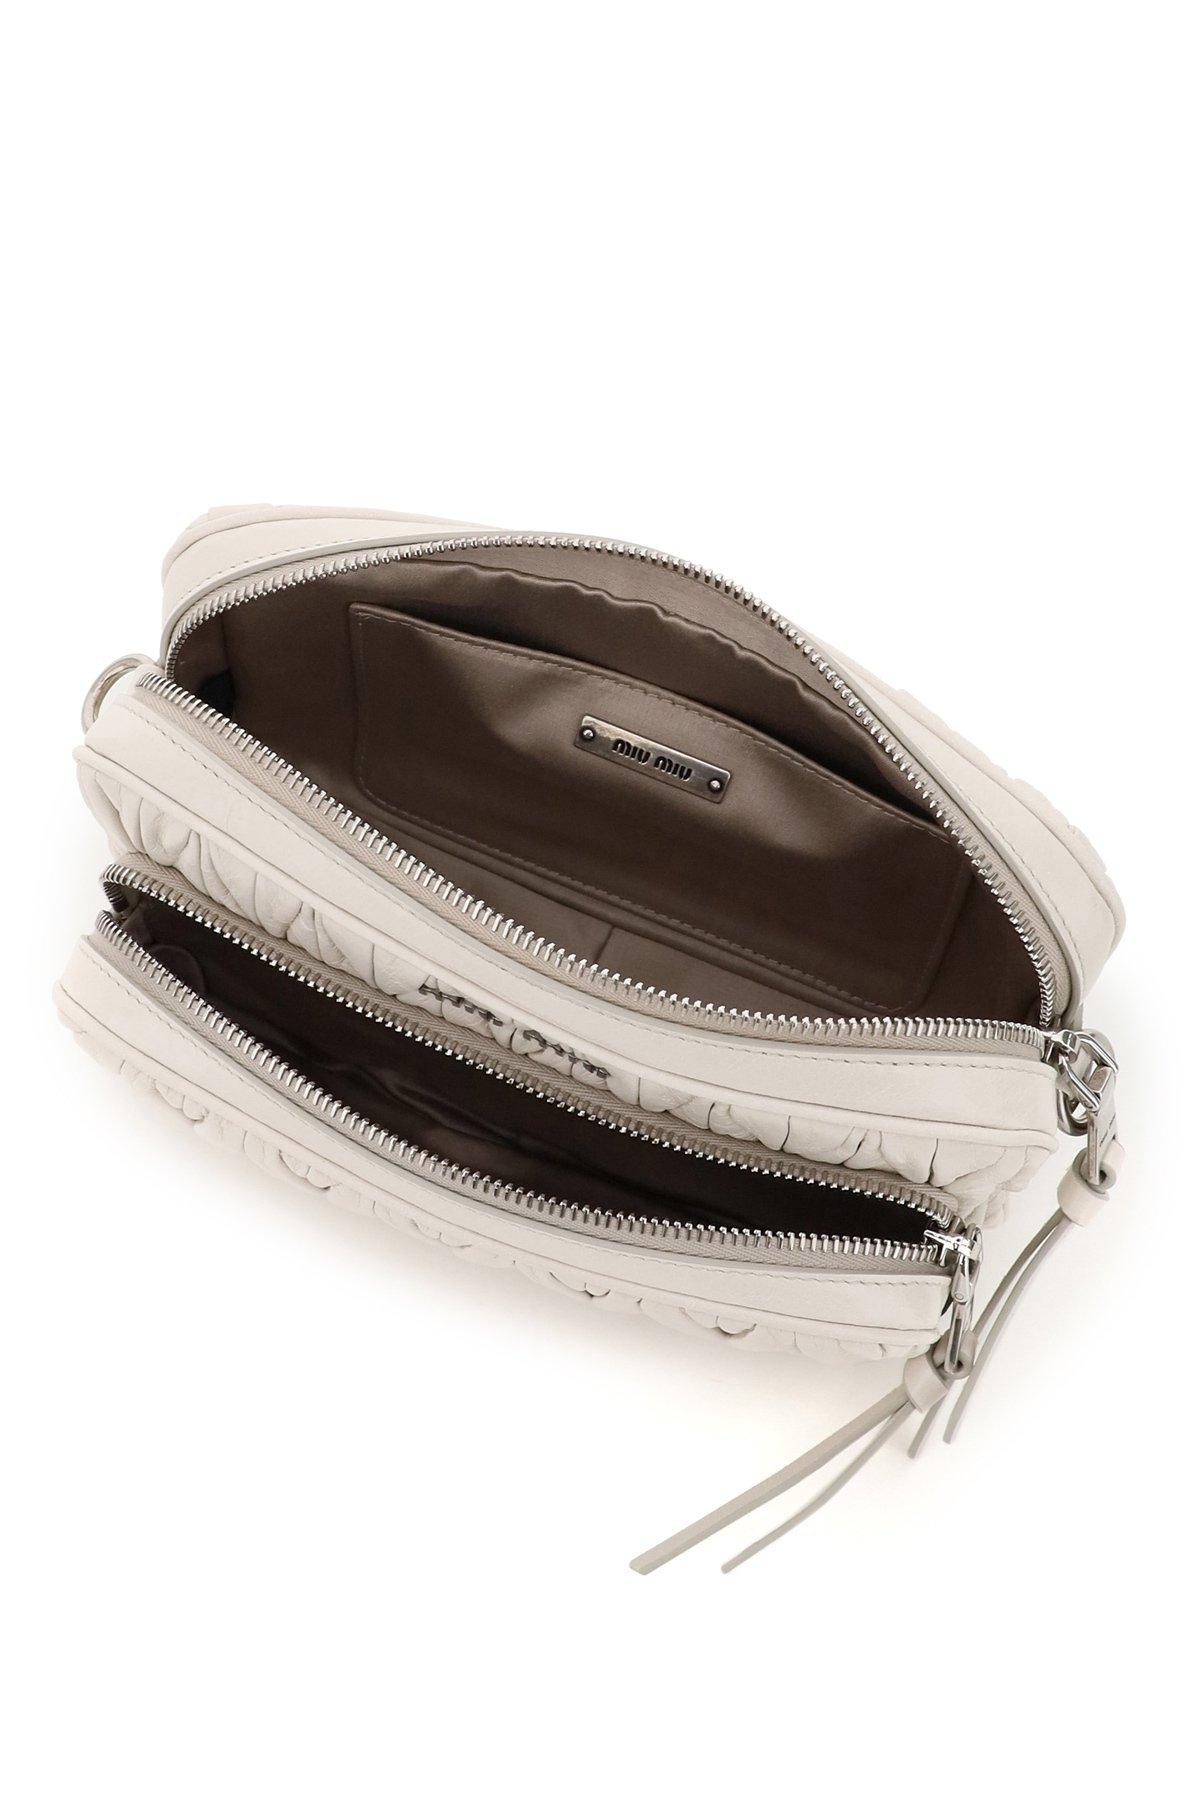 Miu miu camera bag matelasse' tracolla con pouch